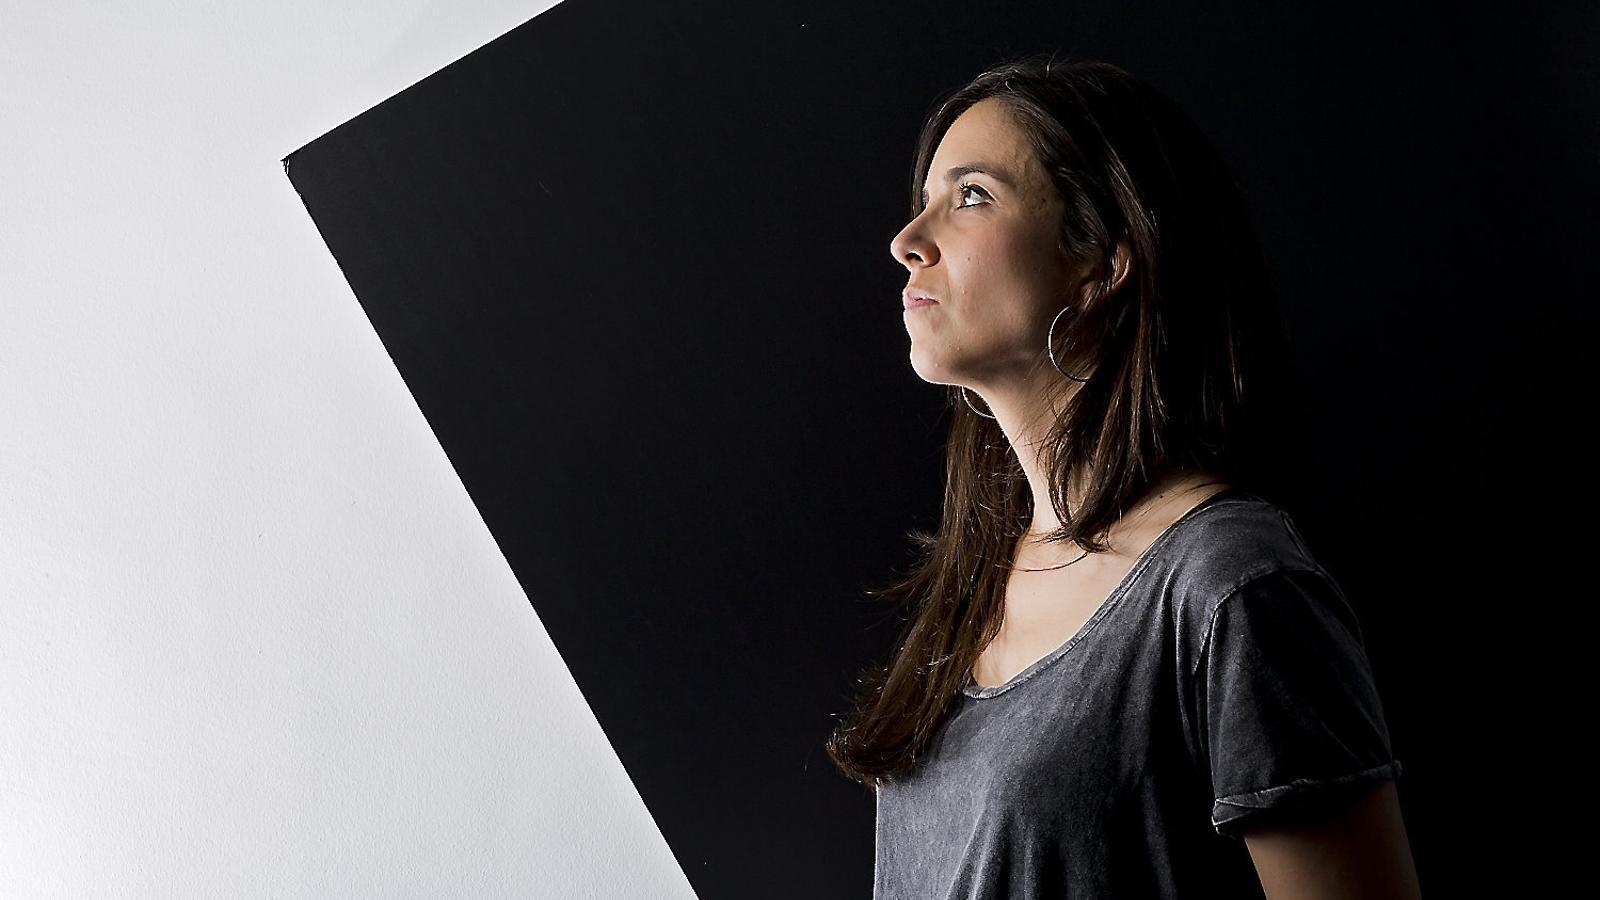 Laura Rosel presentarà nits temàtiques i especials a TV3